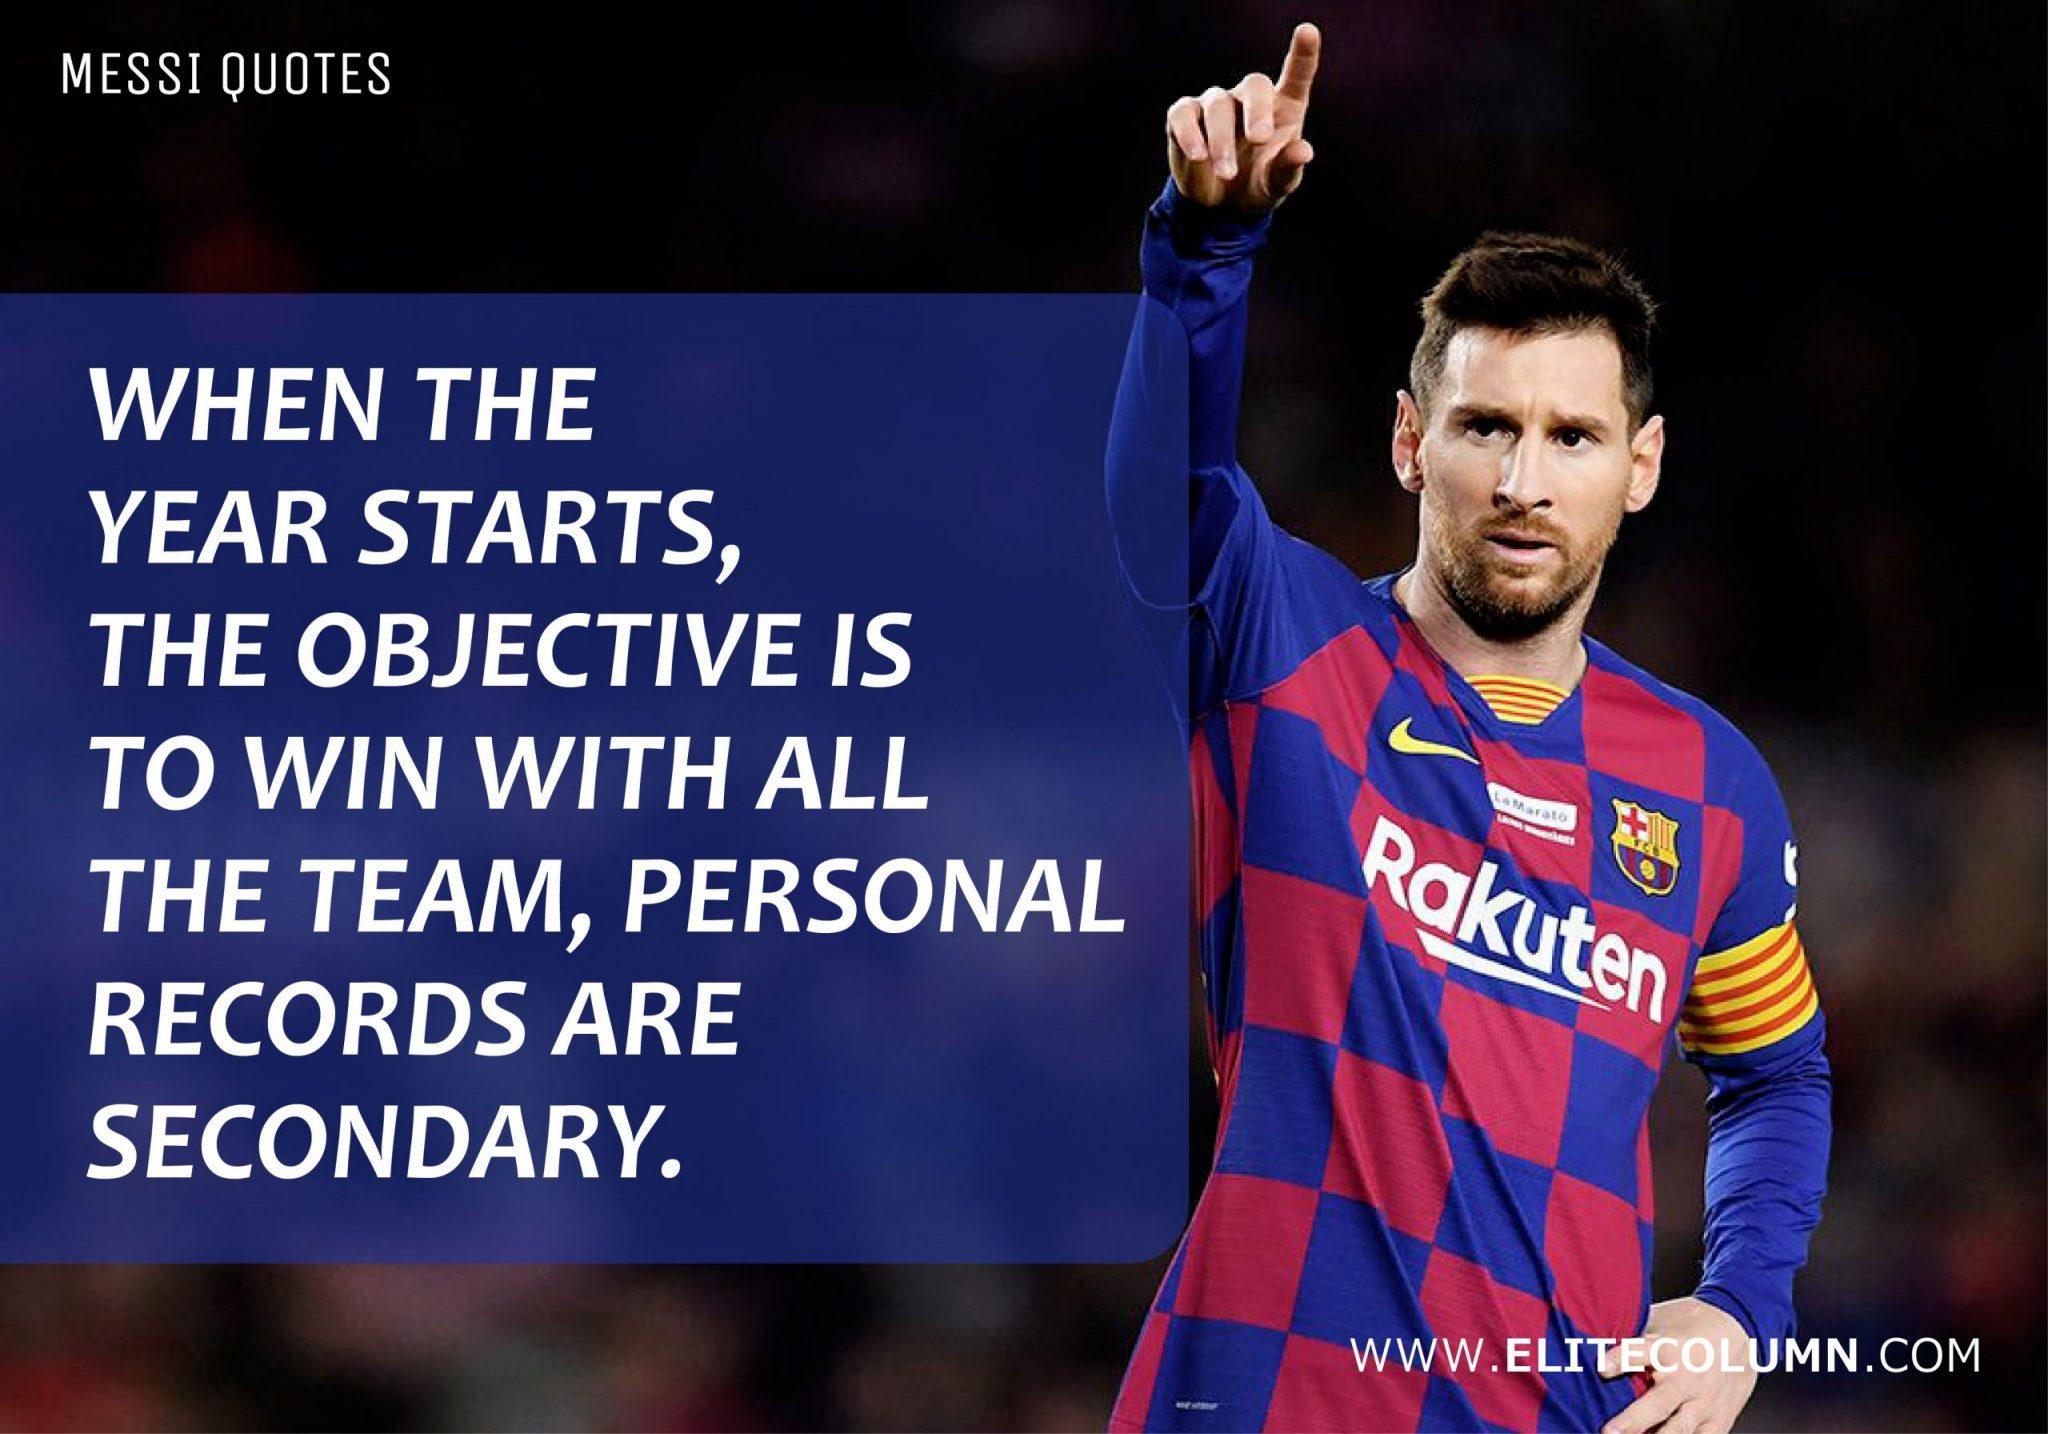 Messi Quotes (6)